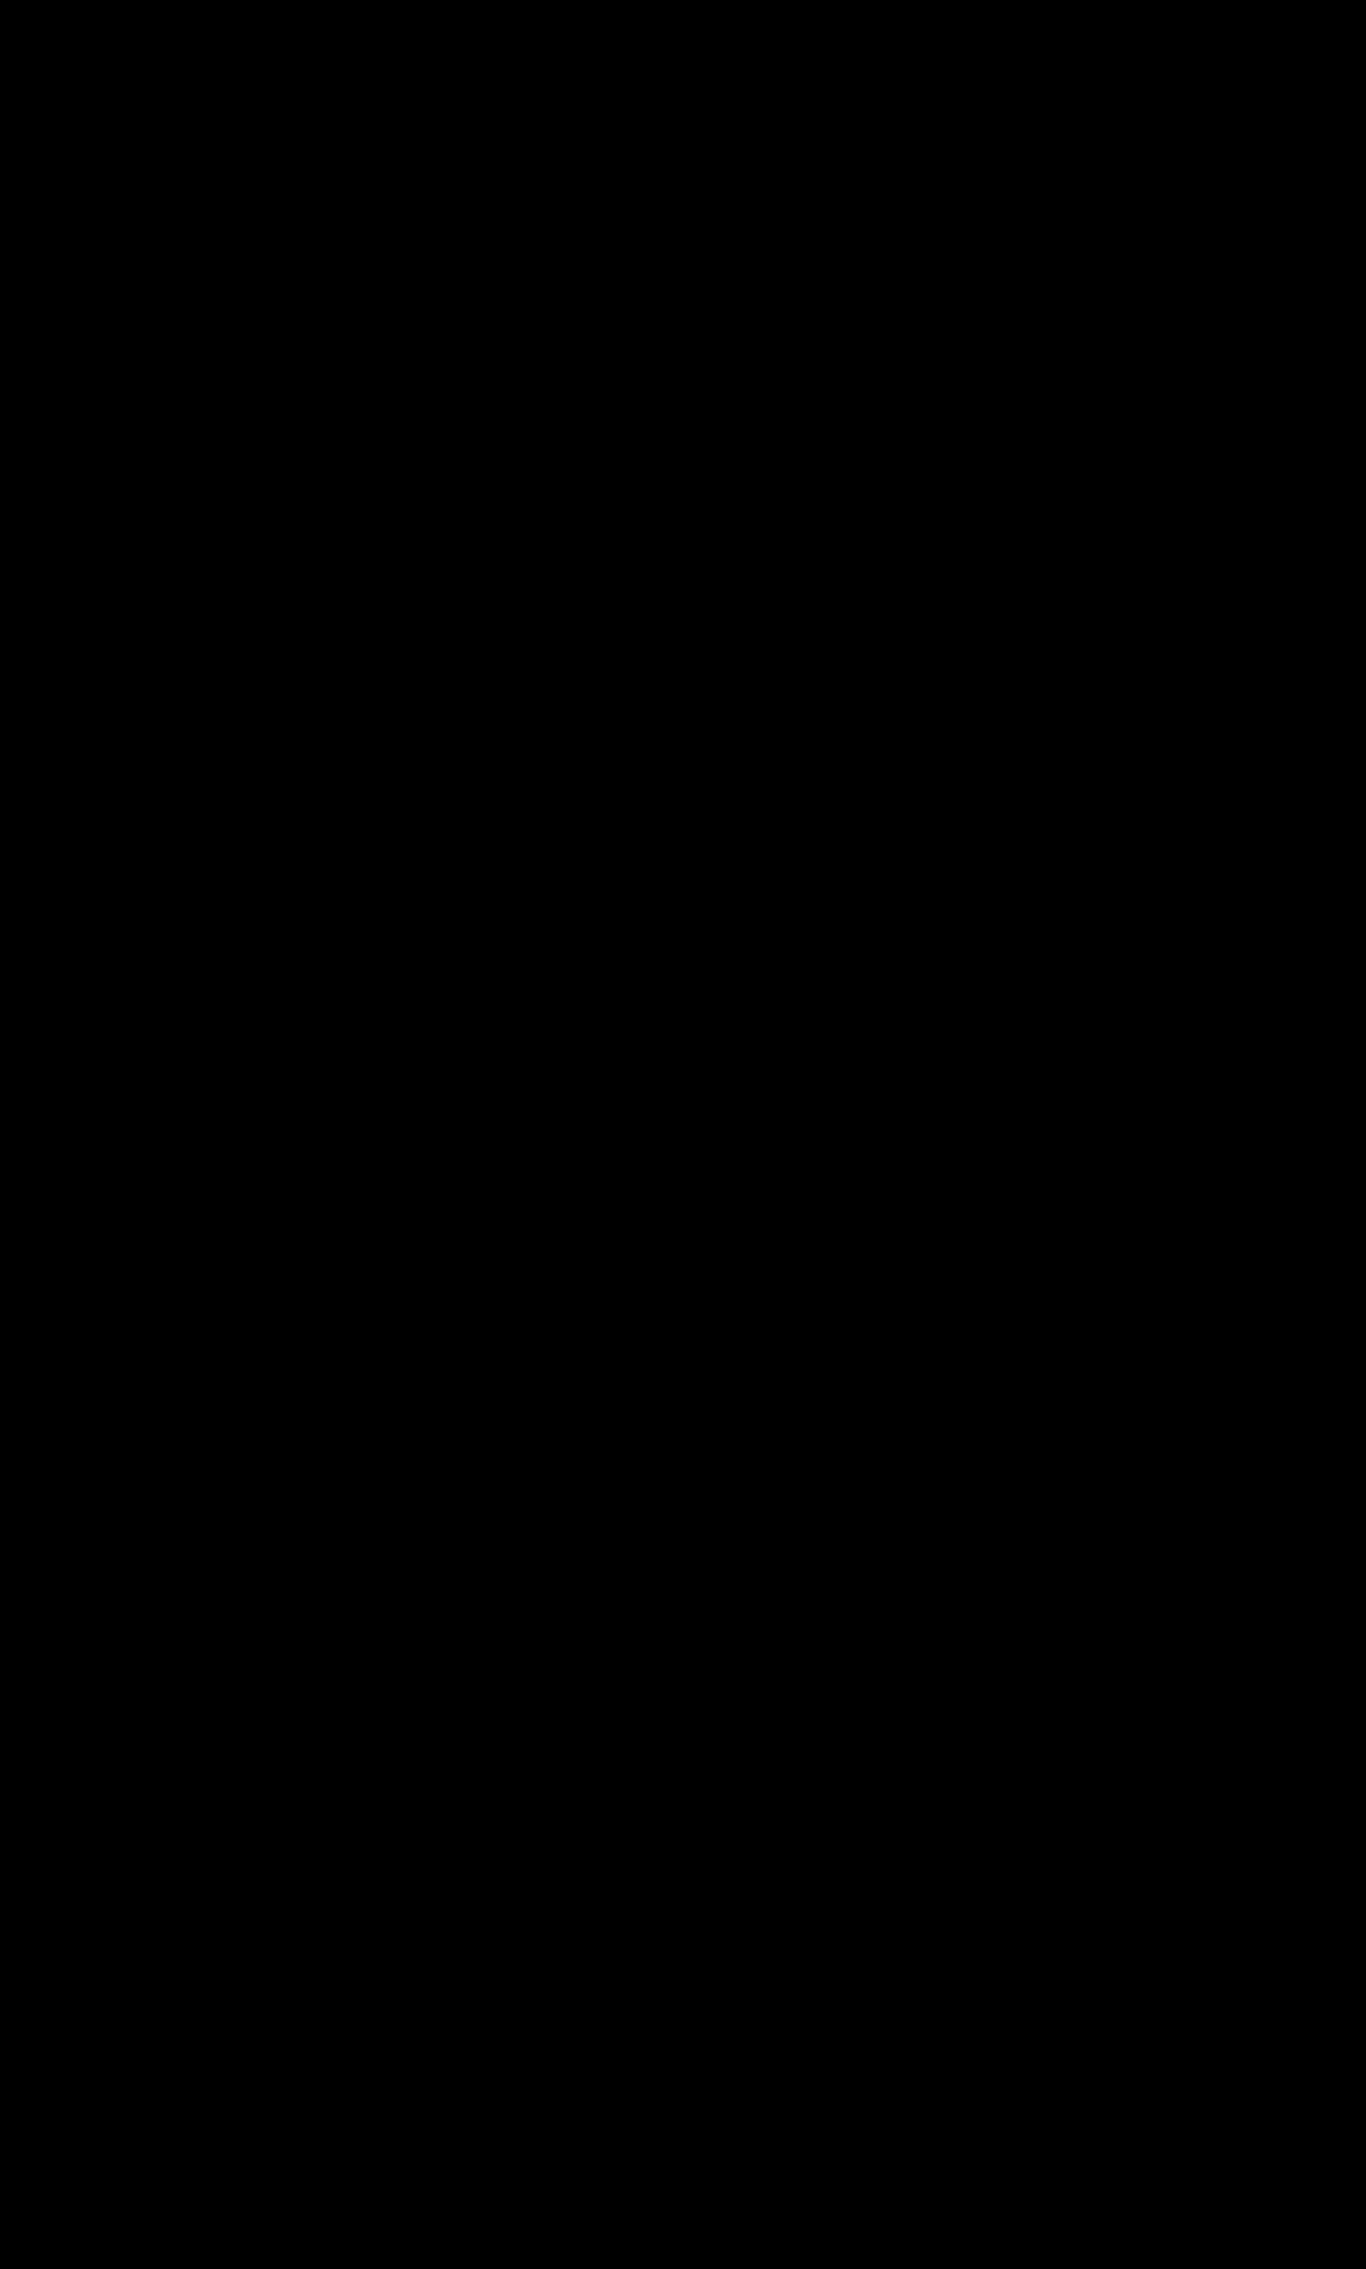 clipart female dancer silhouette Coq Silhouette Vector Silhouette Label Vector